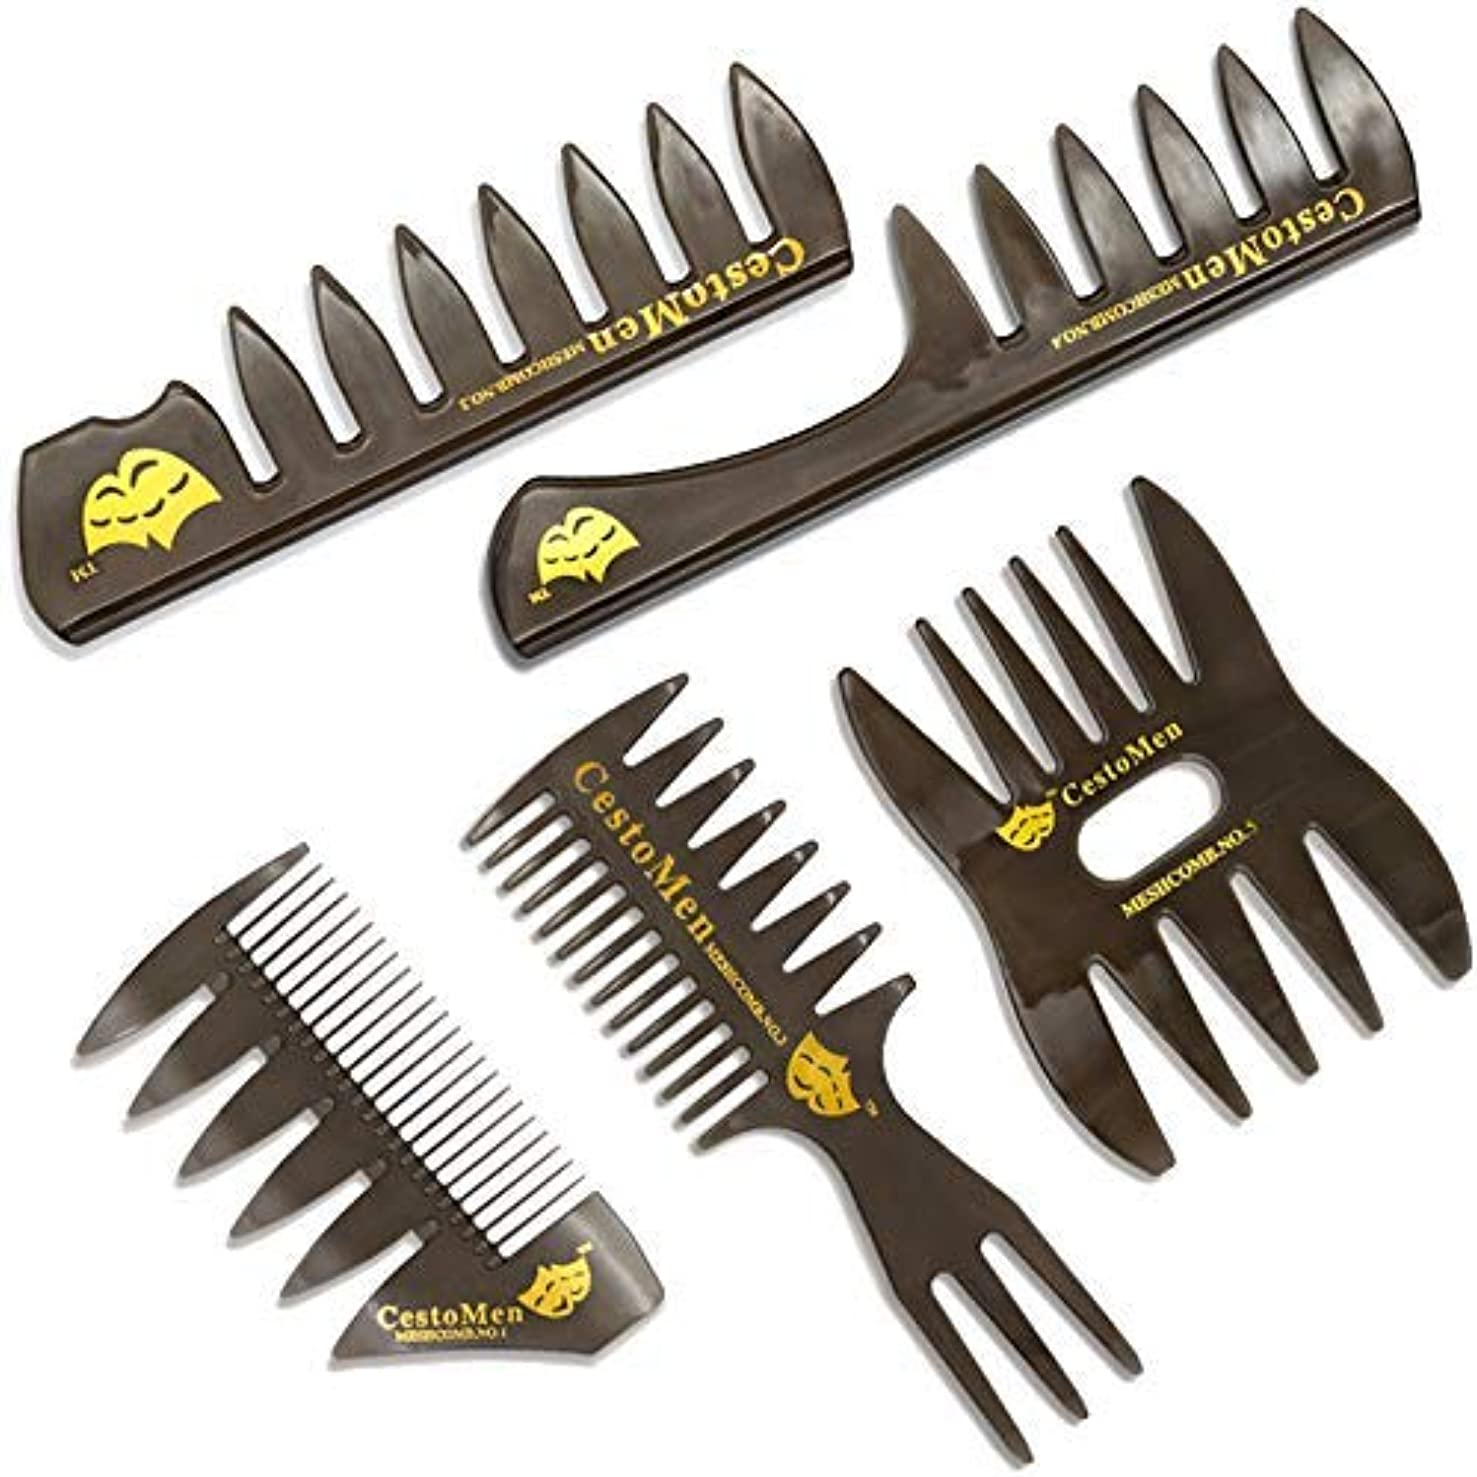 下位バックグラウンド聴く5 PCS Hair Comb Styling Set Barber Hairstylist Accessories - Professional Shaping & Teasing Wet Combs Tools, Anti...